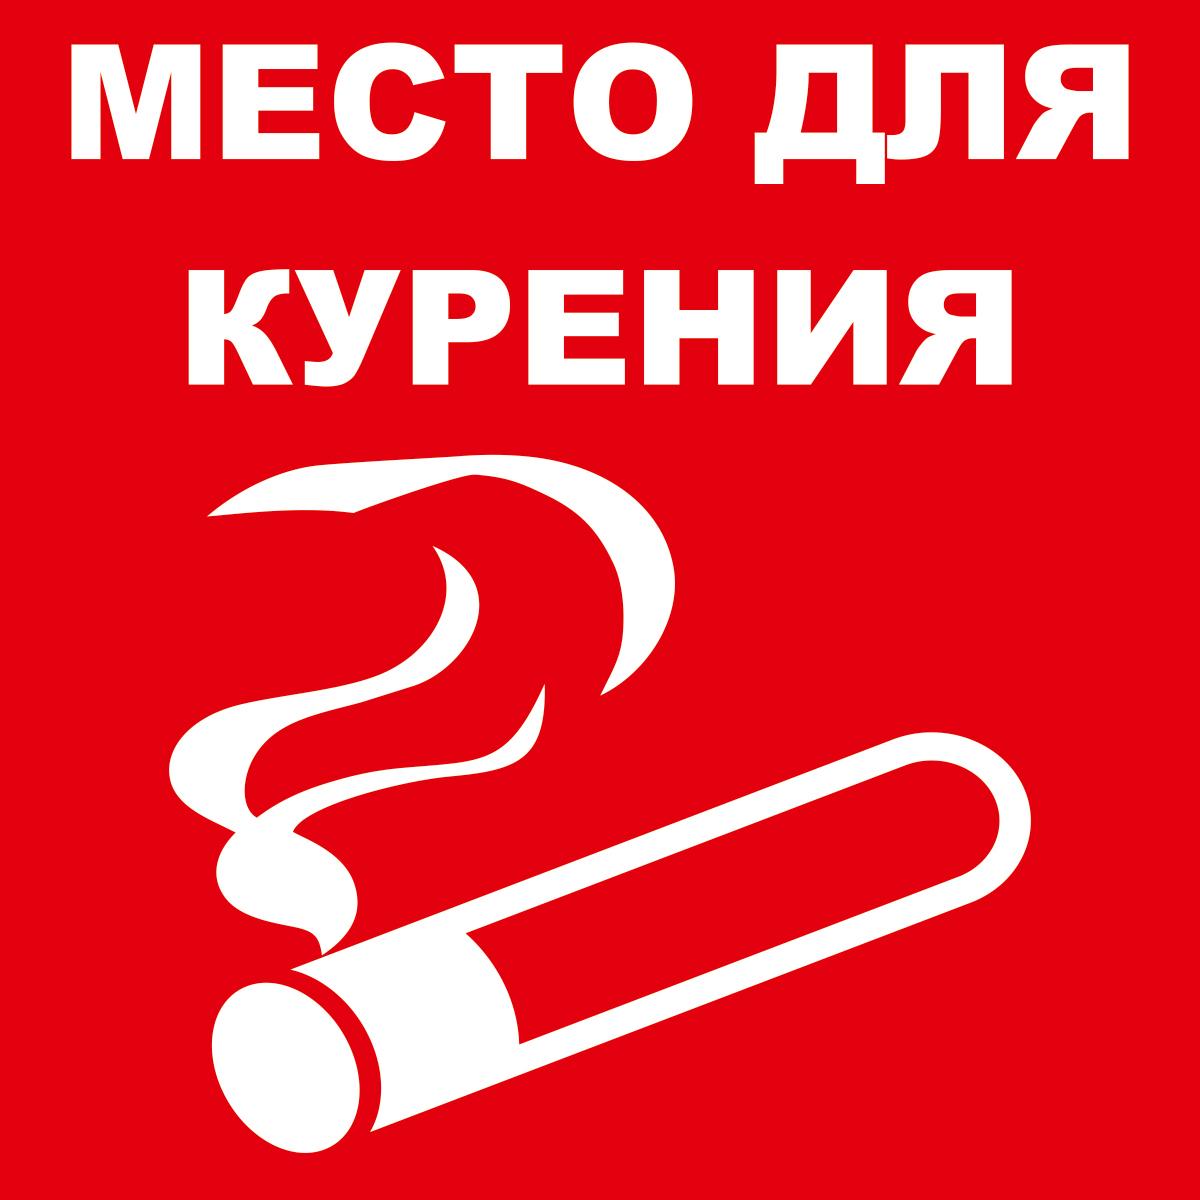 Наклейка информационная Оранжевый Слоник Место курения, 15 х 15 см. INS001RGB